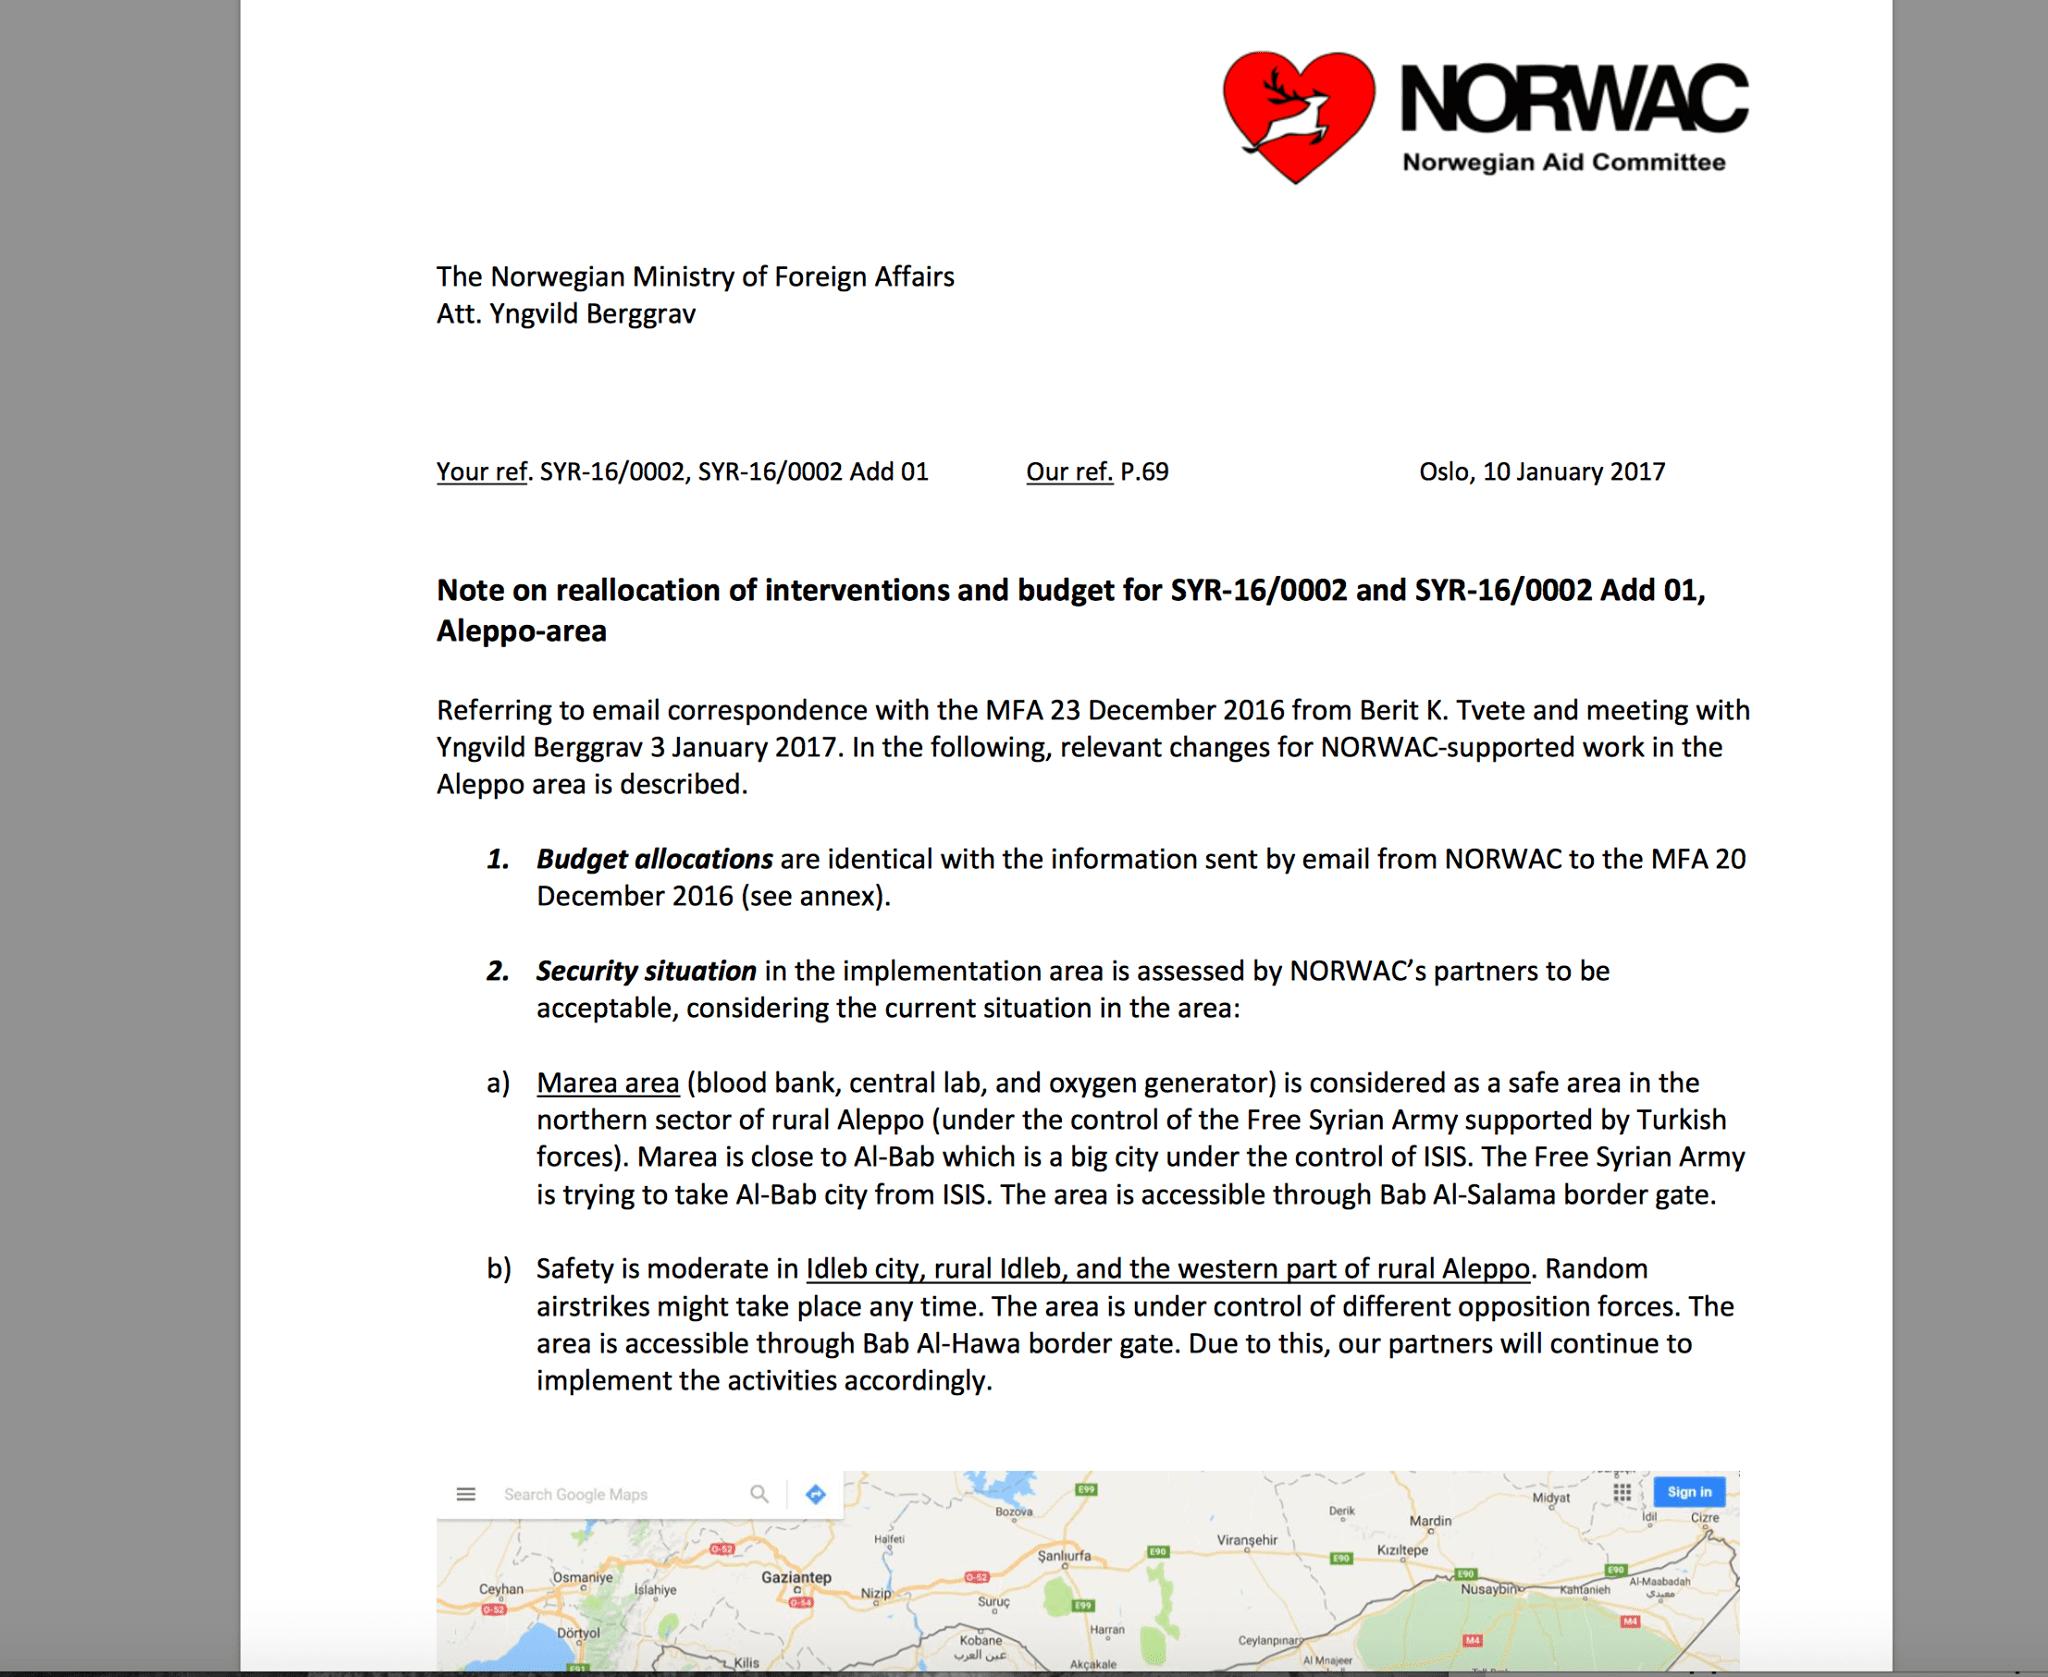 Foto: NORWAC brev til UD Norsk bistand til Syria: